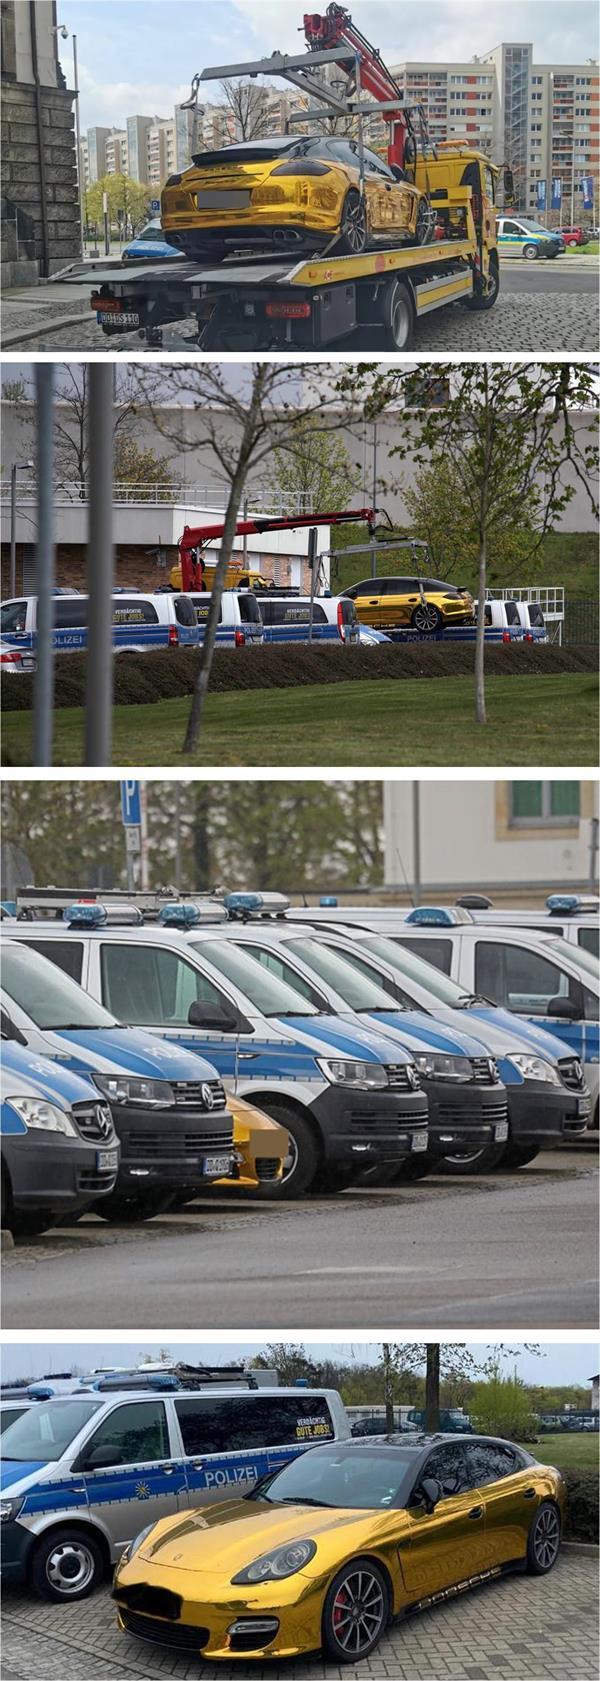 مالك سيارة بورش ممنوع من قيادتها بسبب لونها في ألمانيا